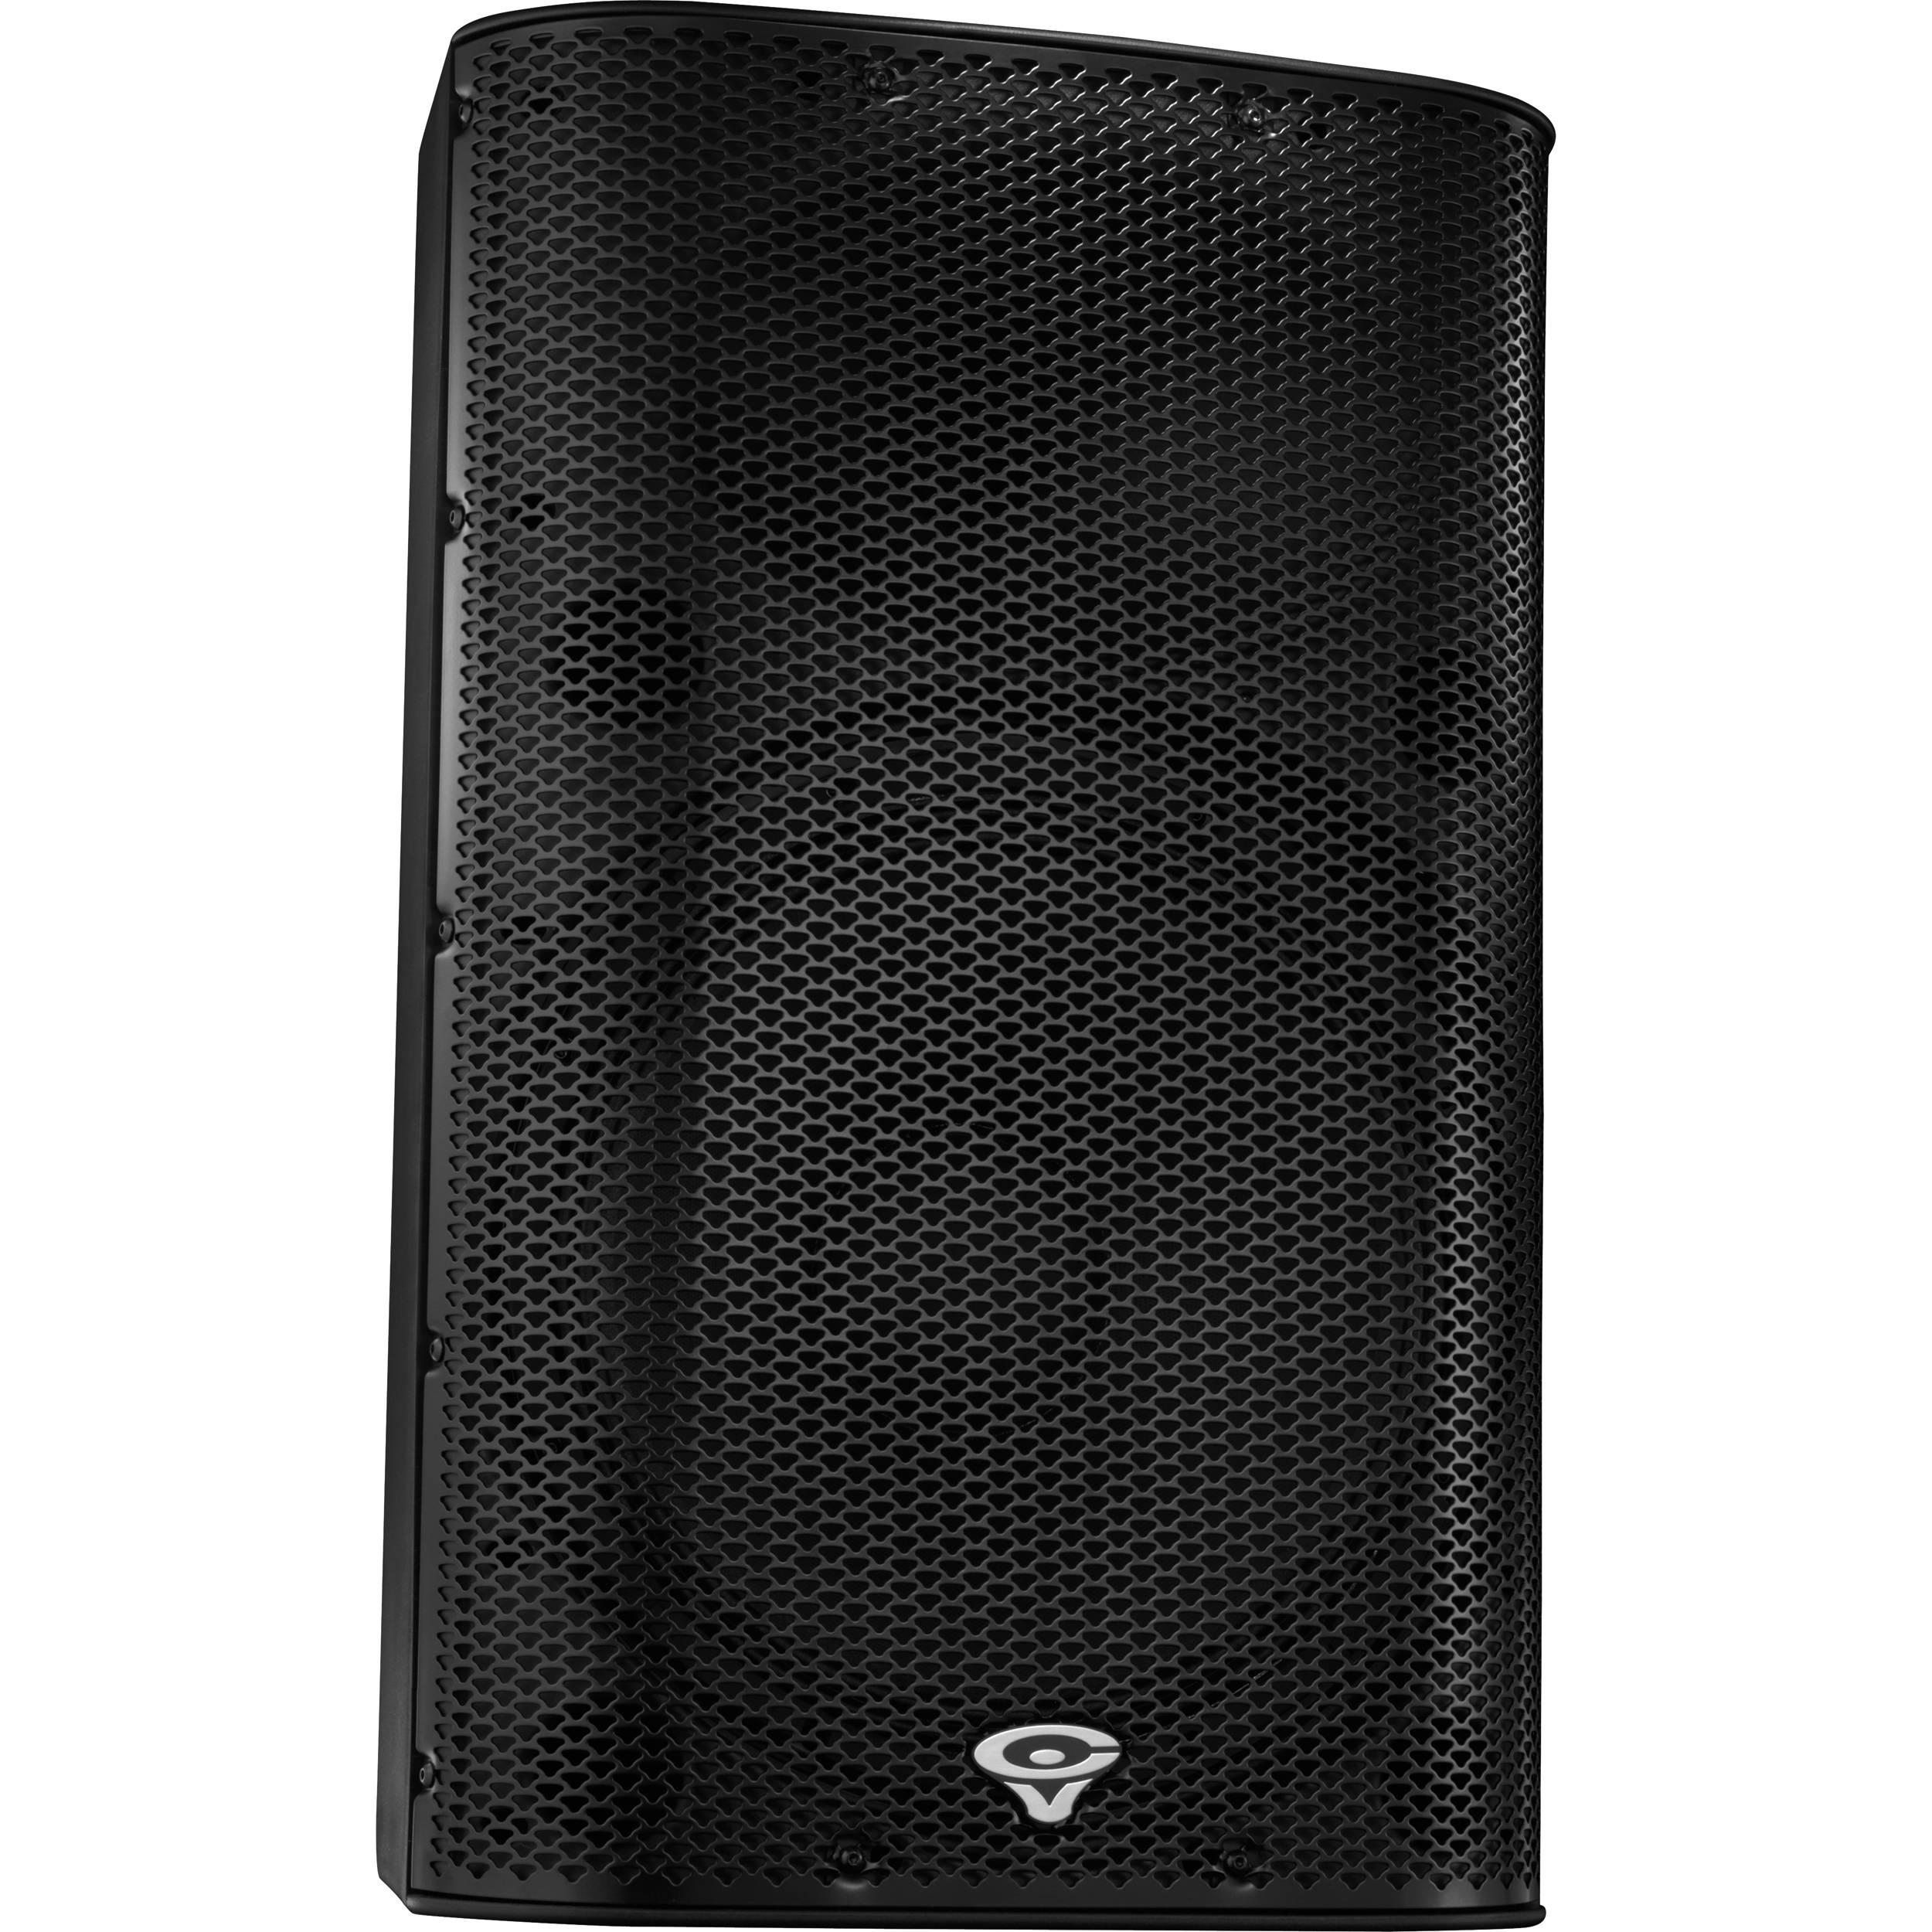 Cerwin Vega Speakers 15 Cerwin-vega P1500x 15